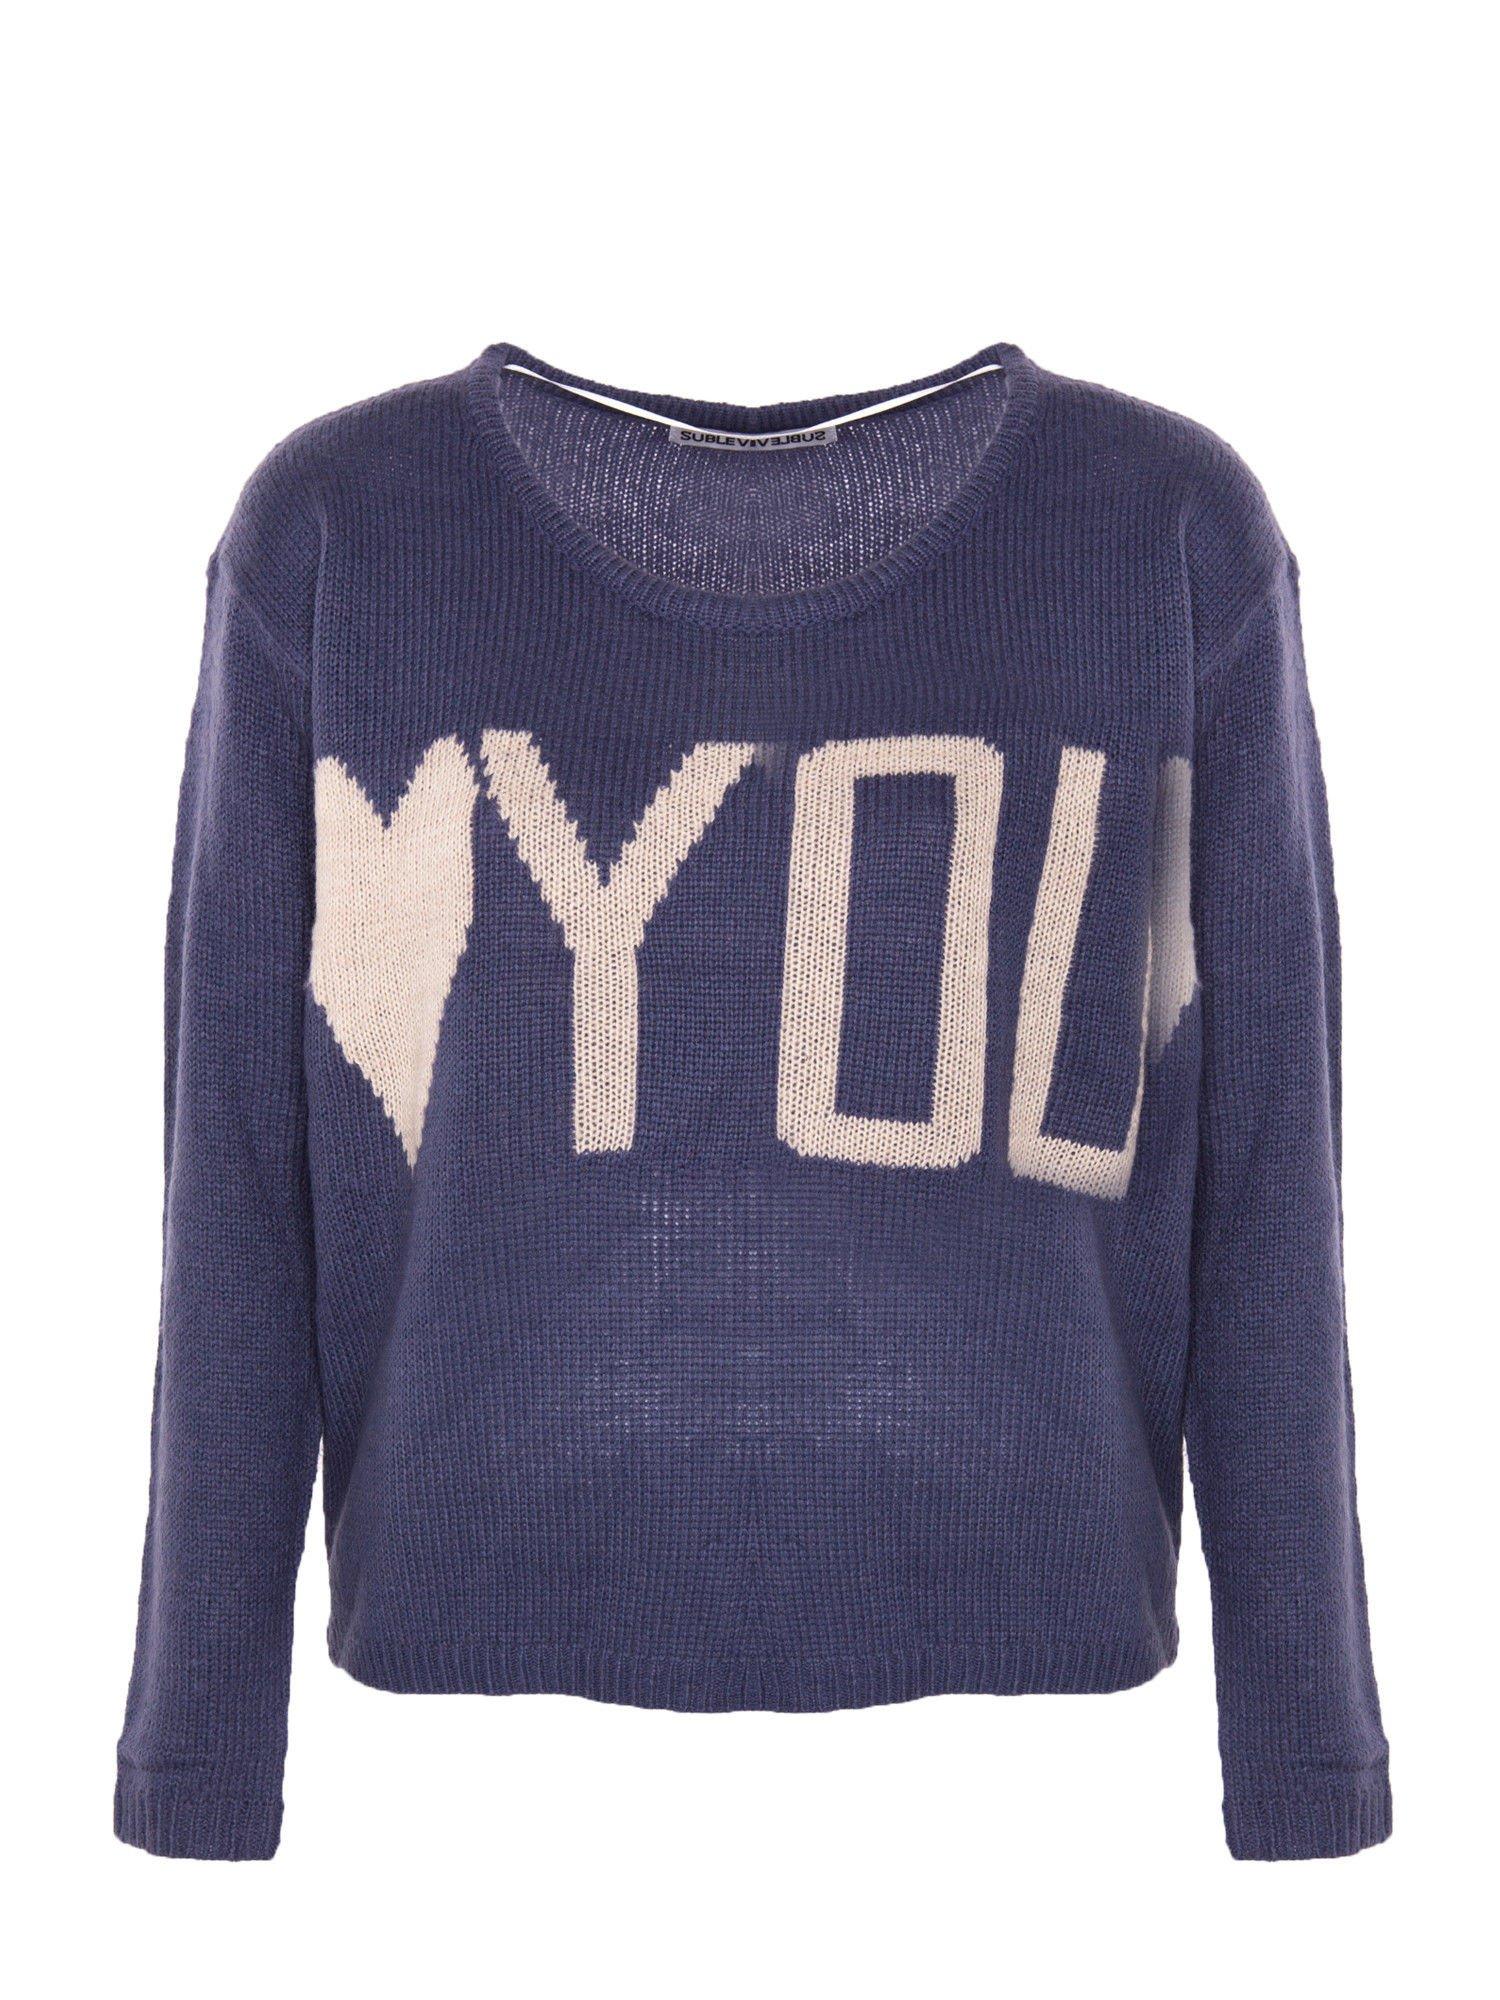 Ciemnoniebieski sweter z sercem i napisem YOU                                  zdj.                                  1